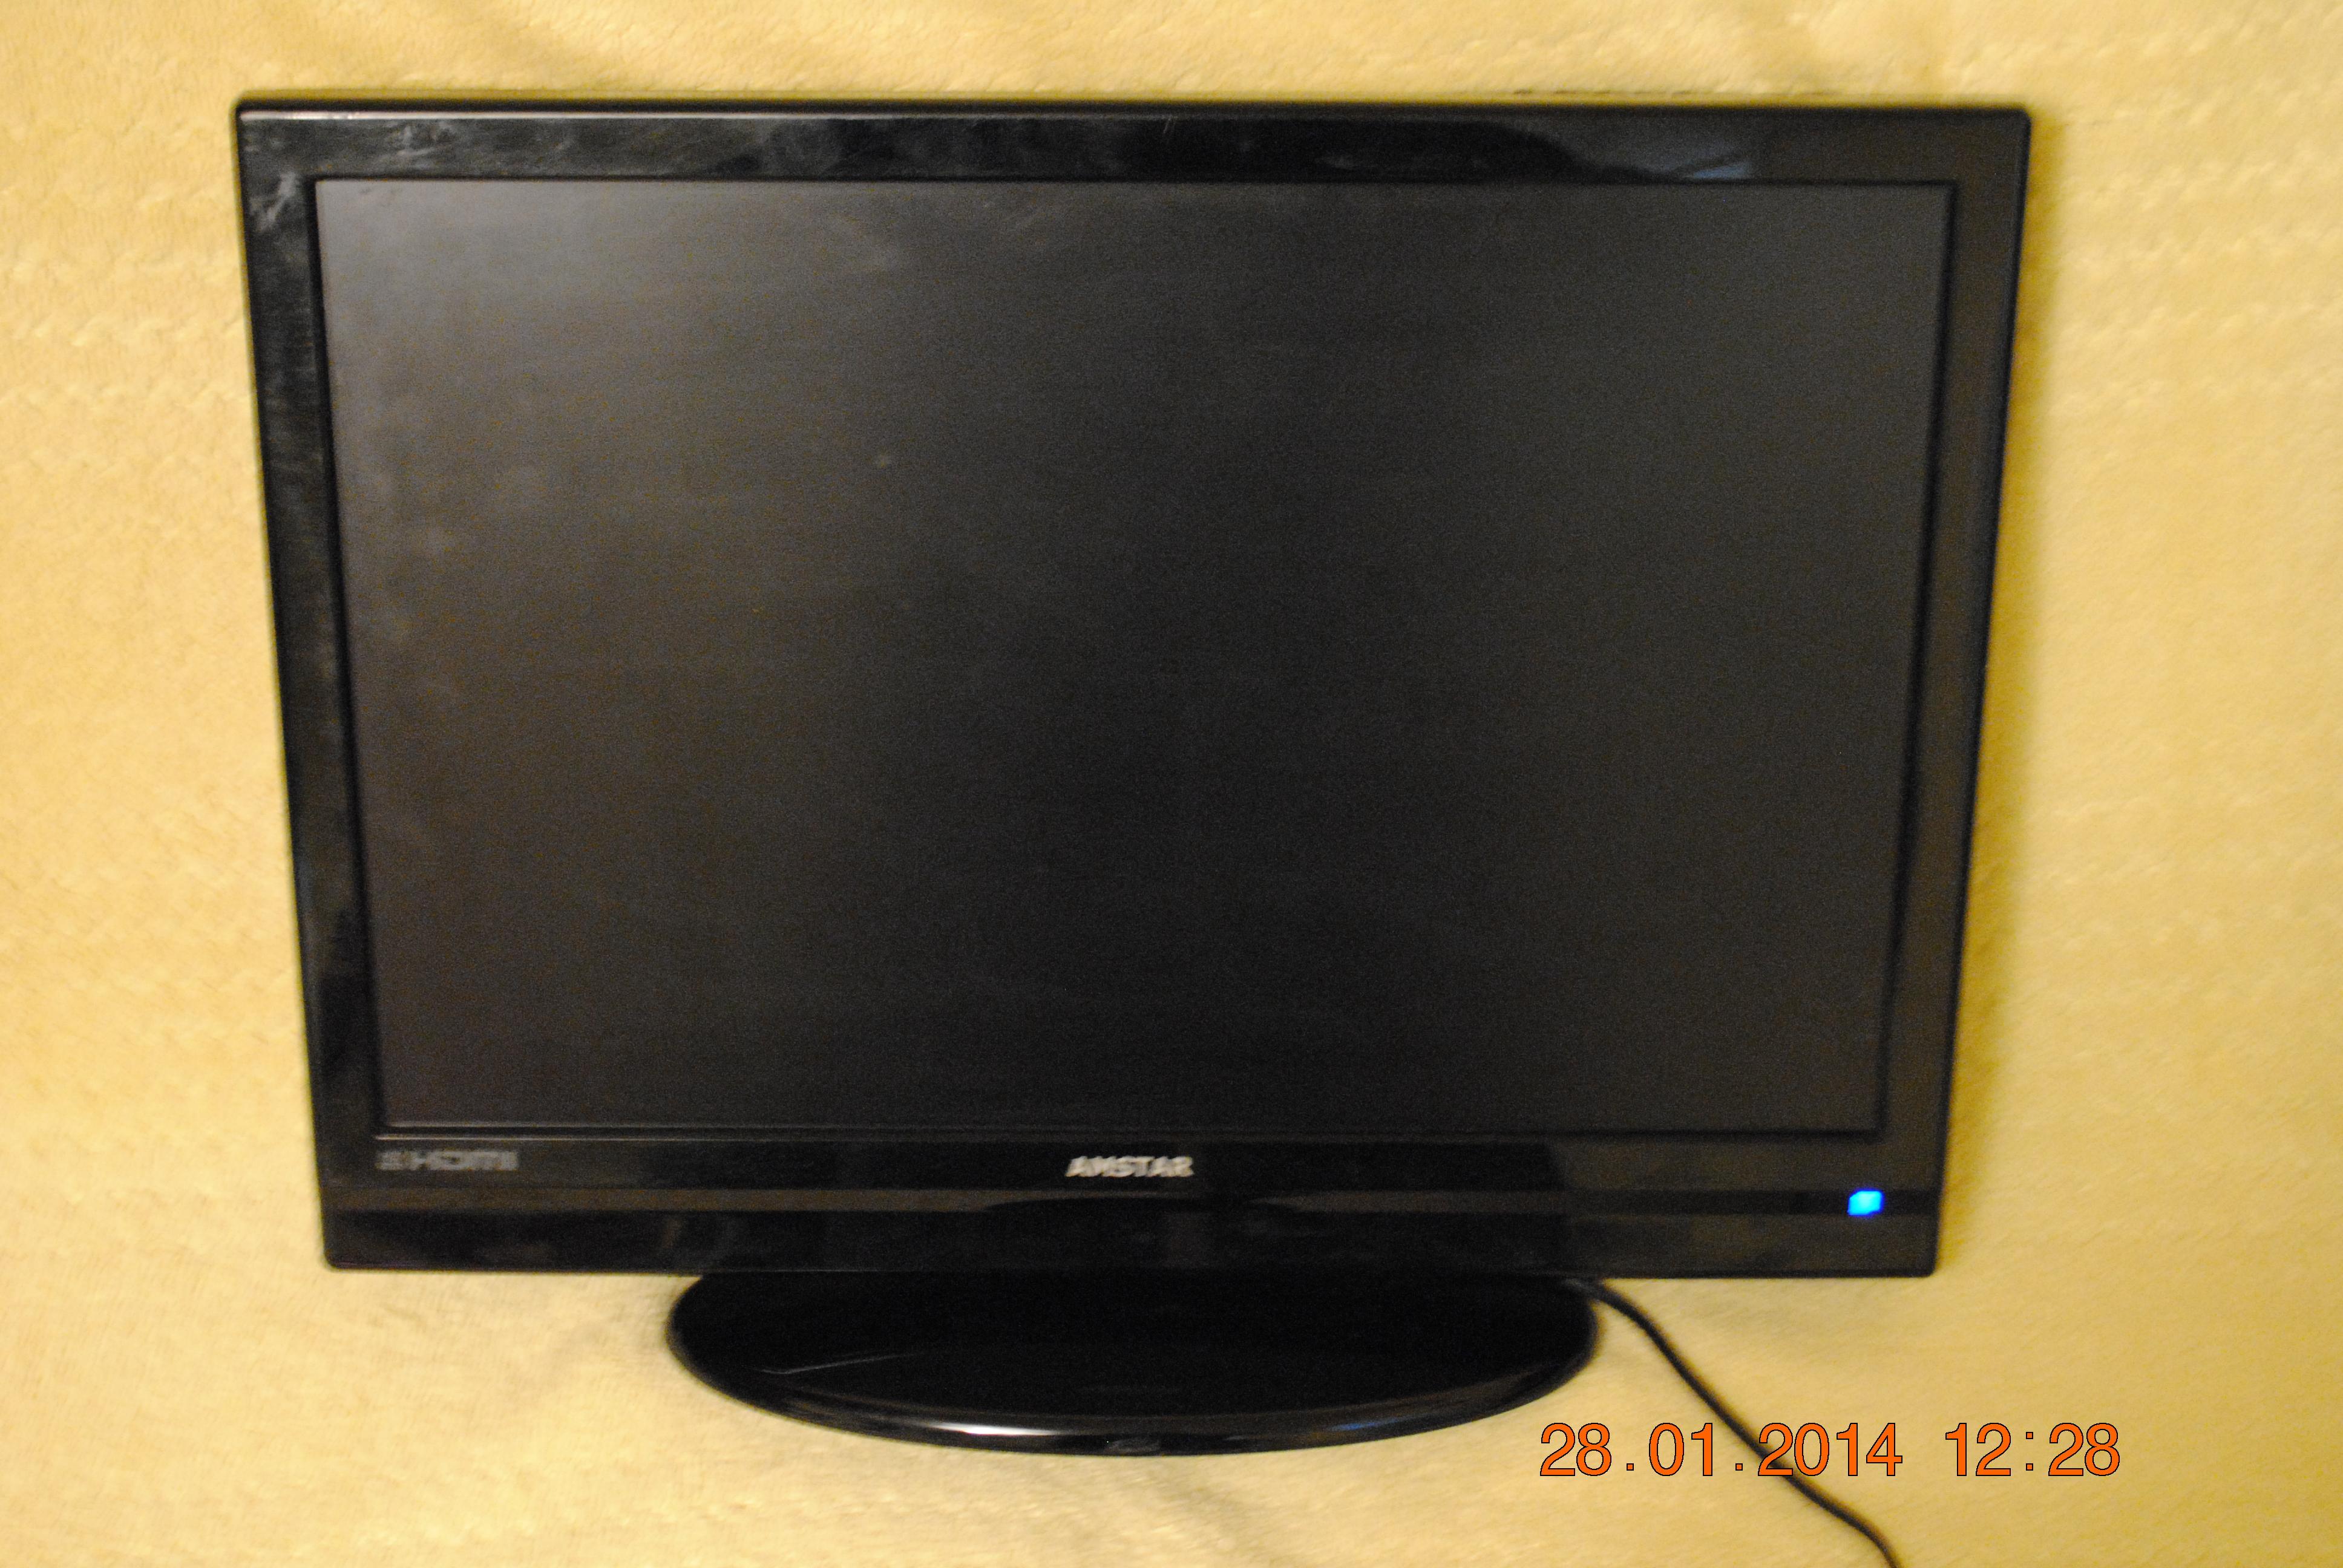 """Amstar 22"""" LCD/DVD - Nie w�ancza si�, brak obrazu i dzwieku, lekko pod�wiet"""